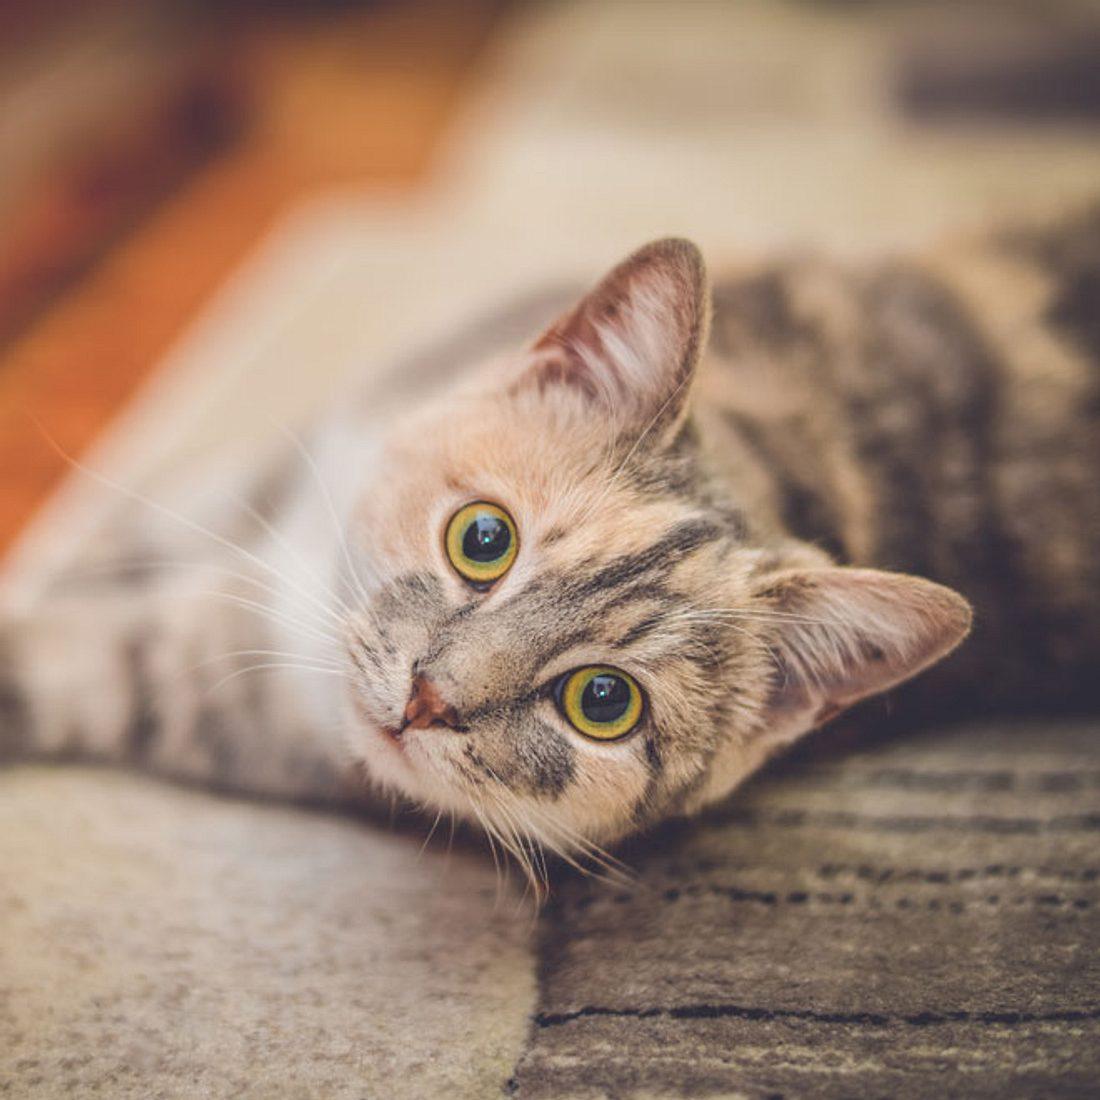 Mehr als 200 Tiere vergiftet: Brutaler Katzenkiller treibt sein Unwesen